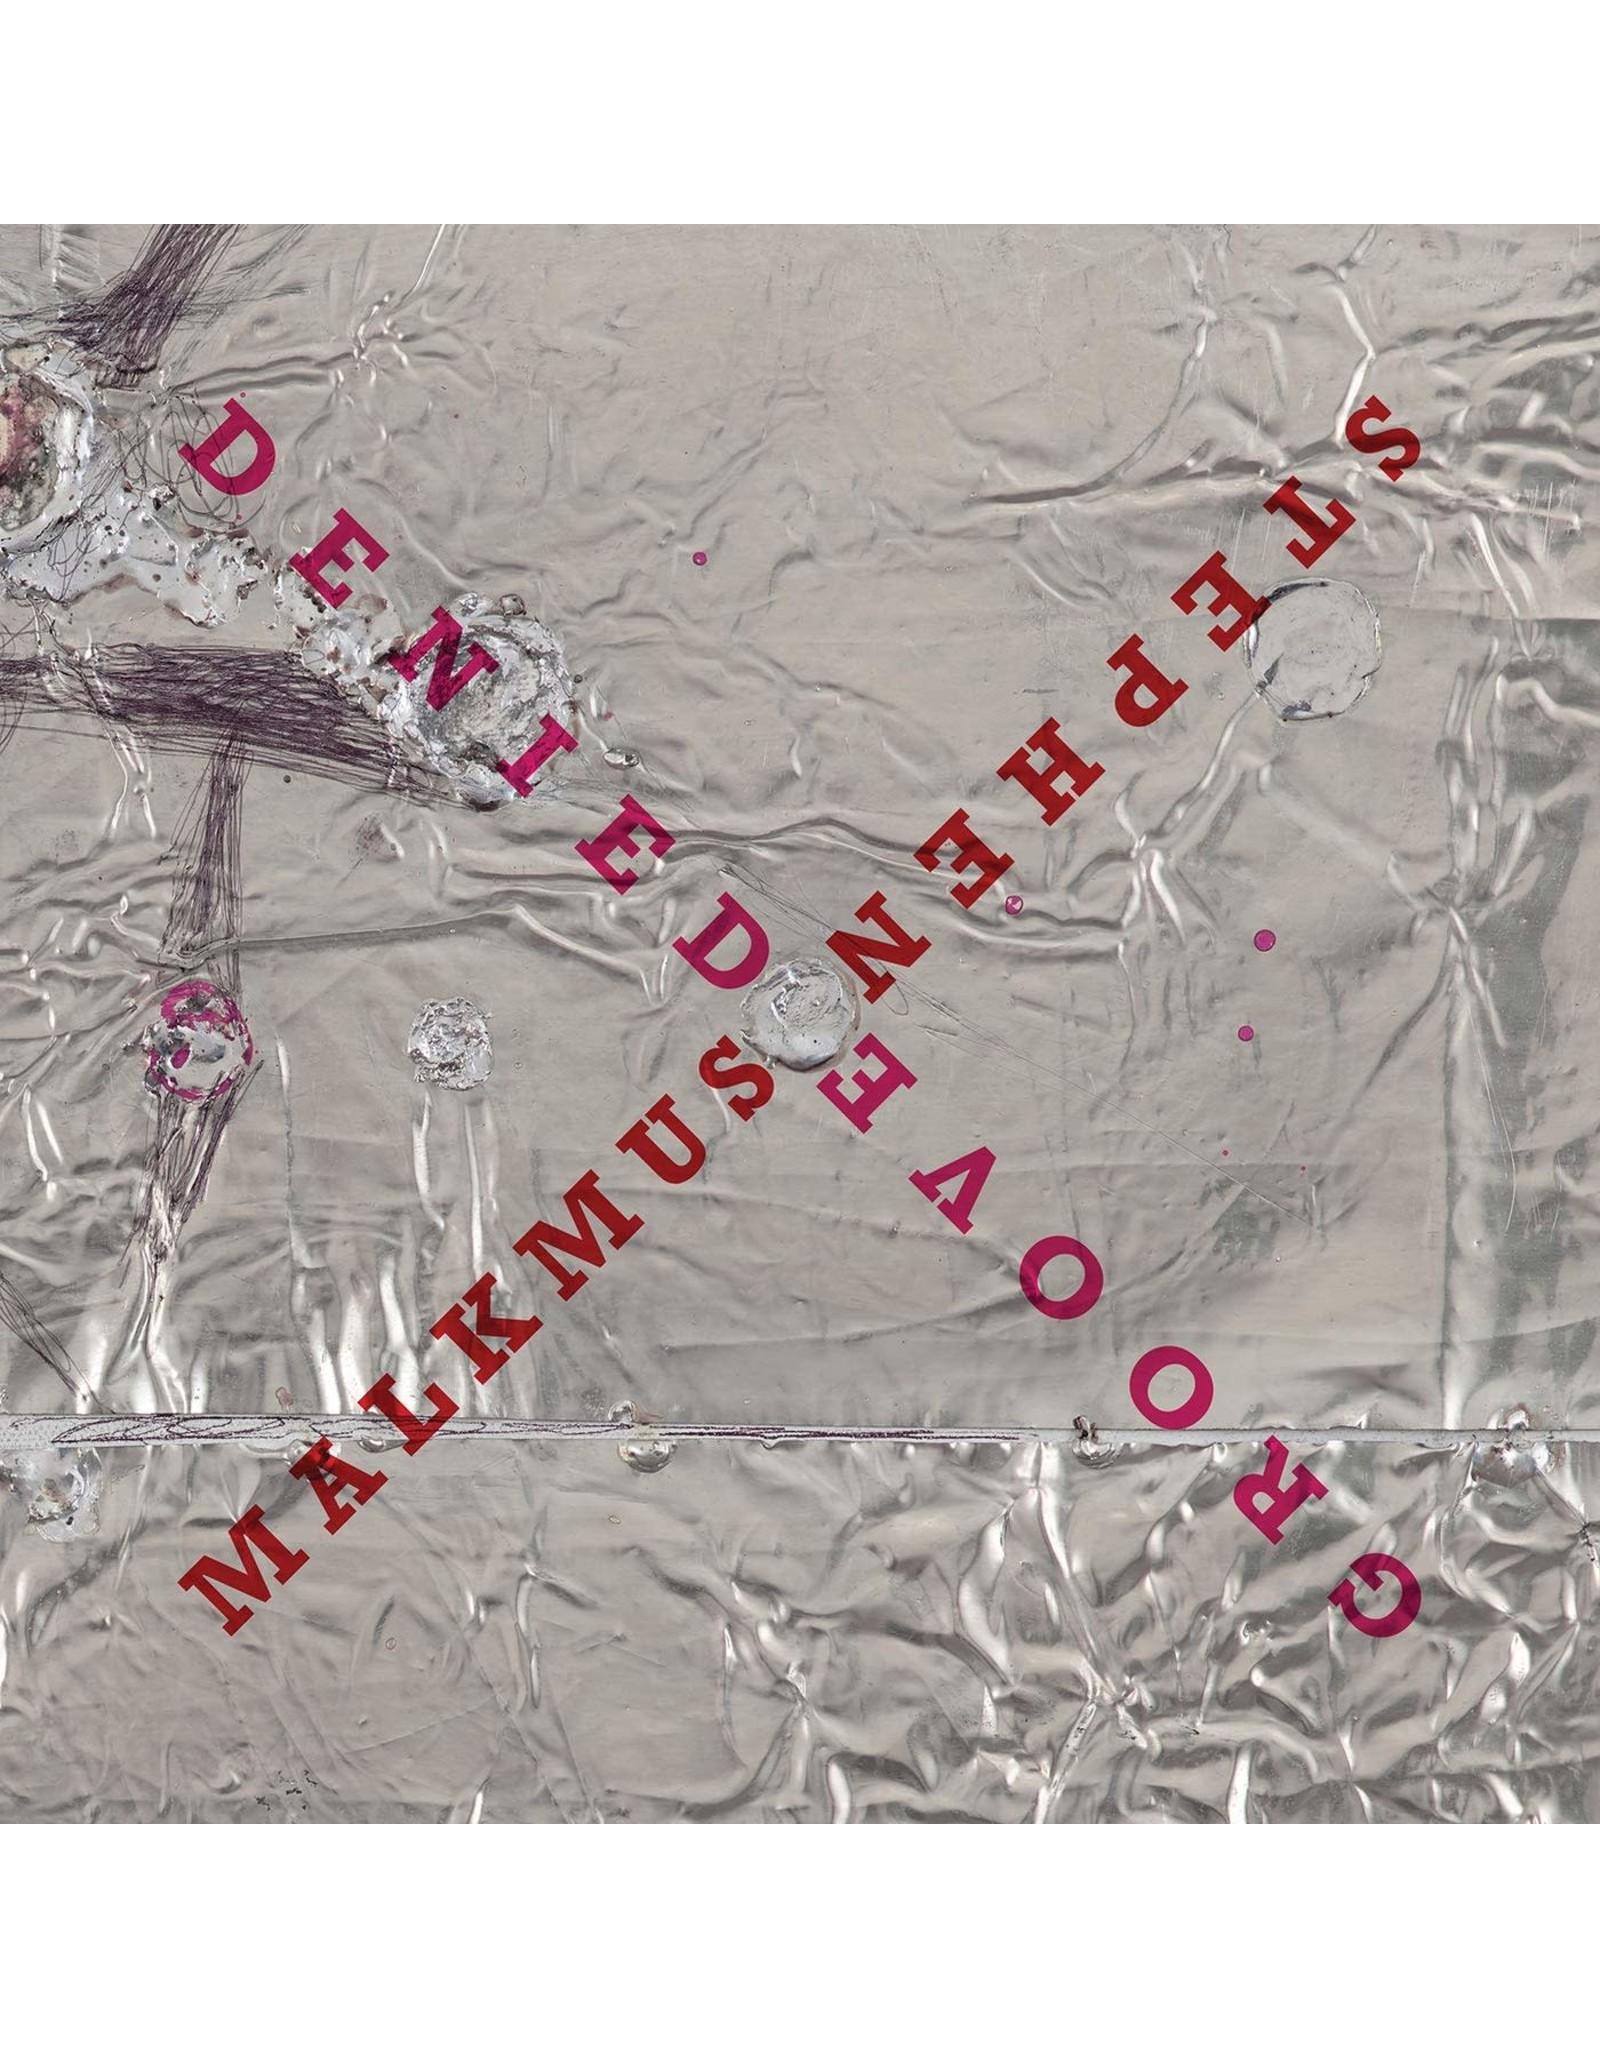 Malkmus, Stephen - Groove Denied CD